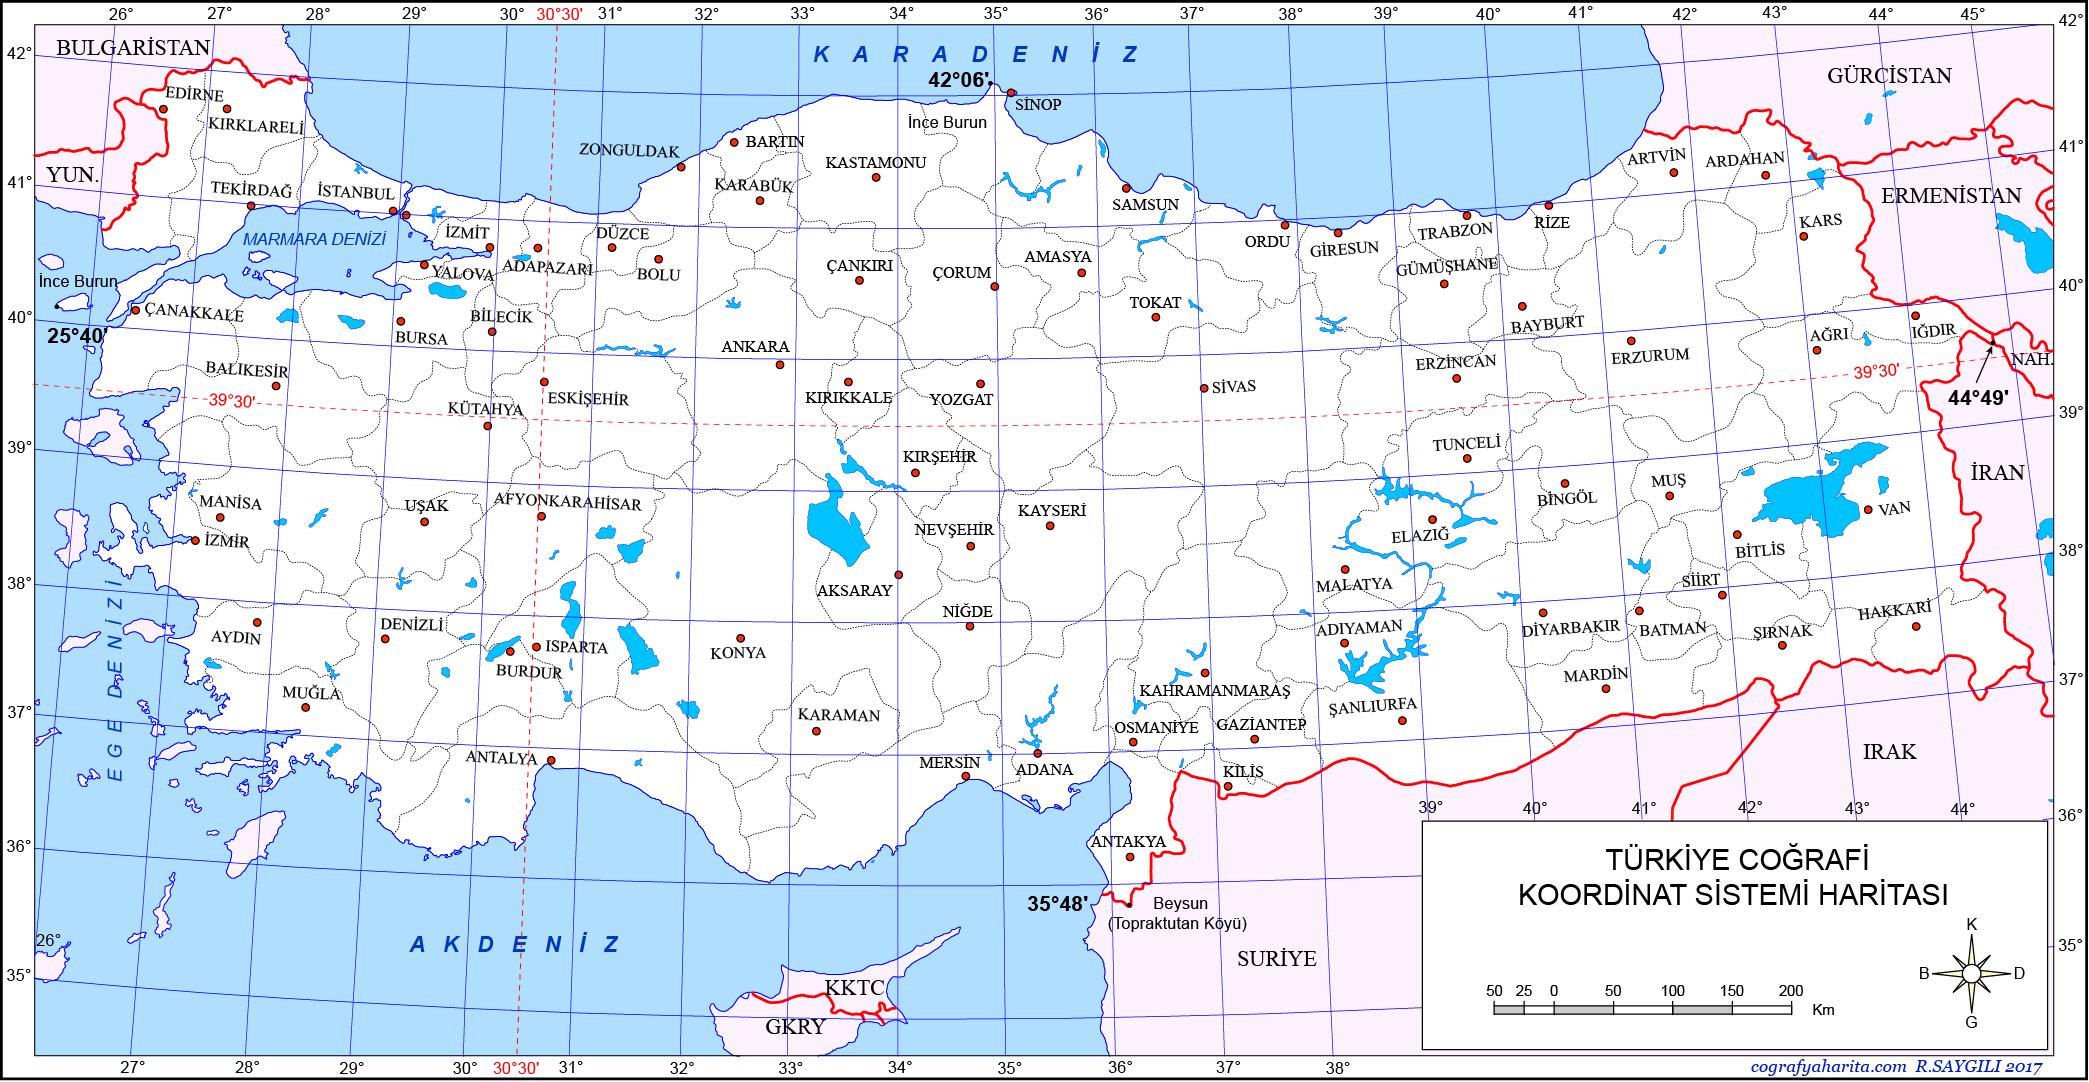 Güncel Türkçe Harita Coğrafya Gezi Tatil Outdoor ve Bilgi.